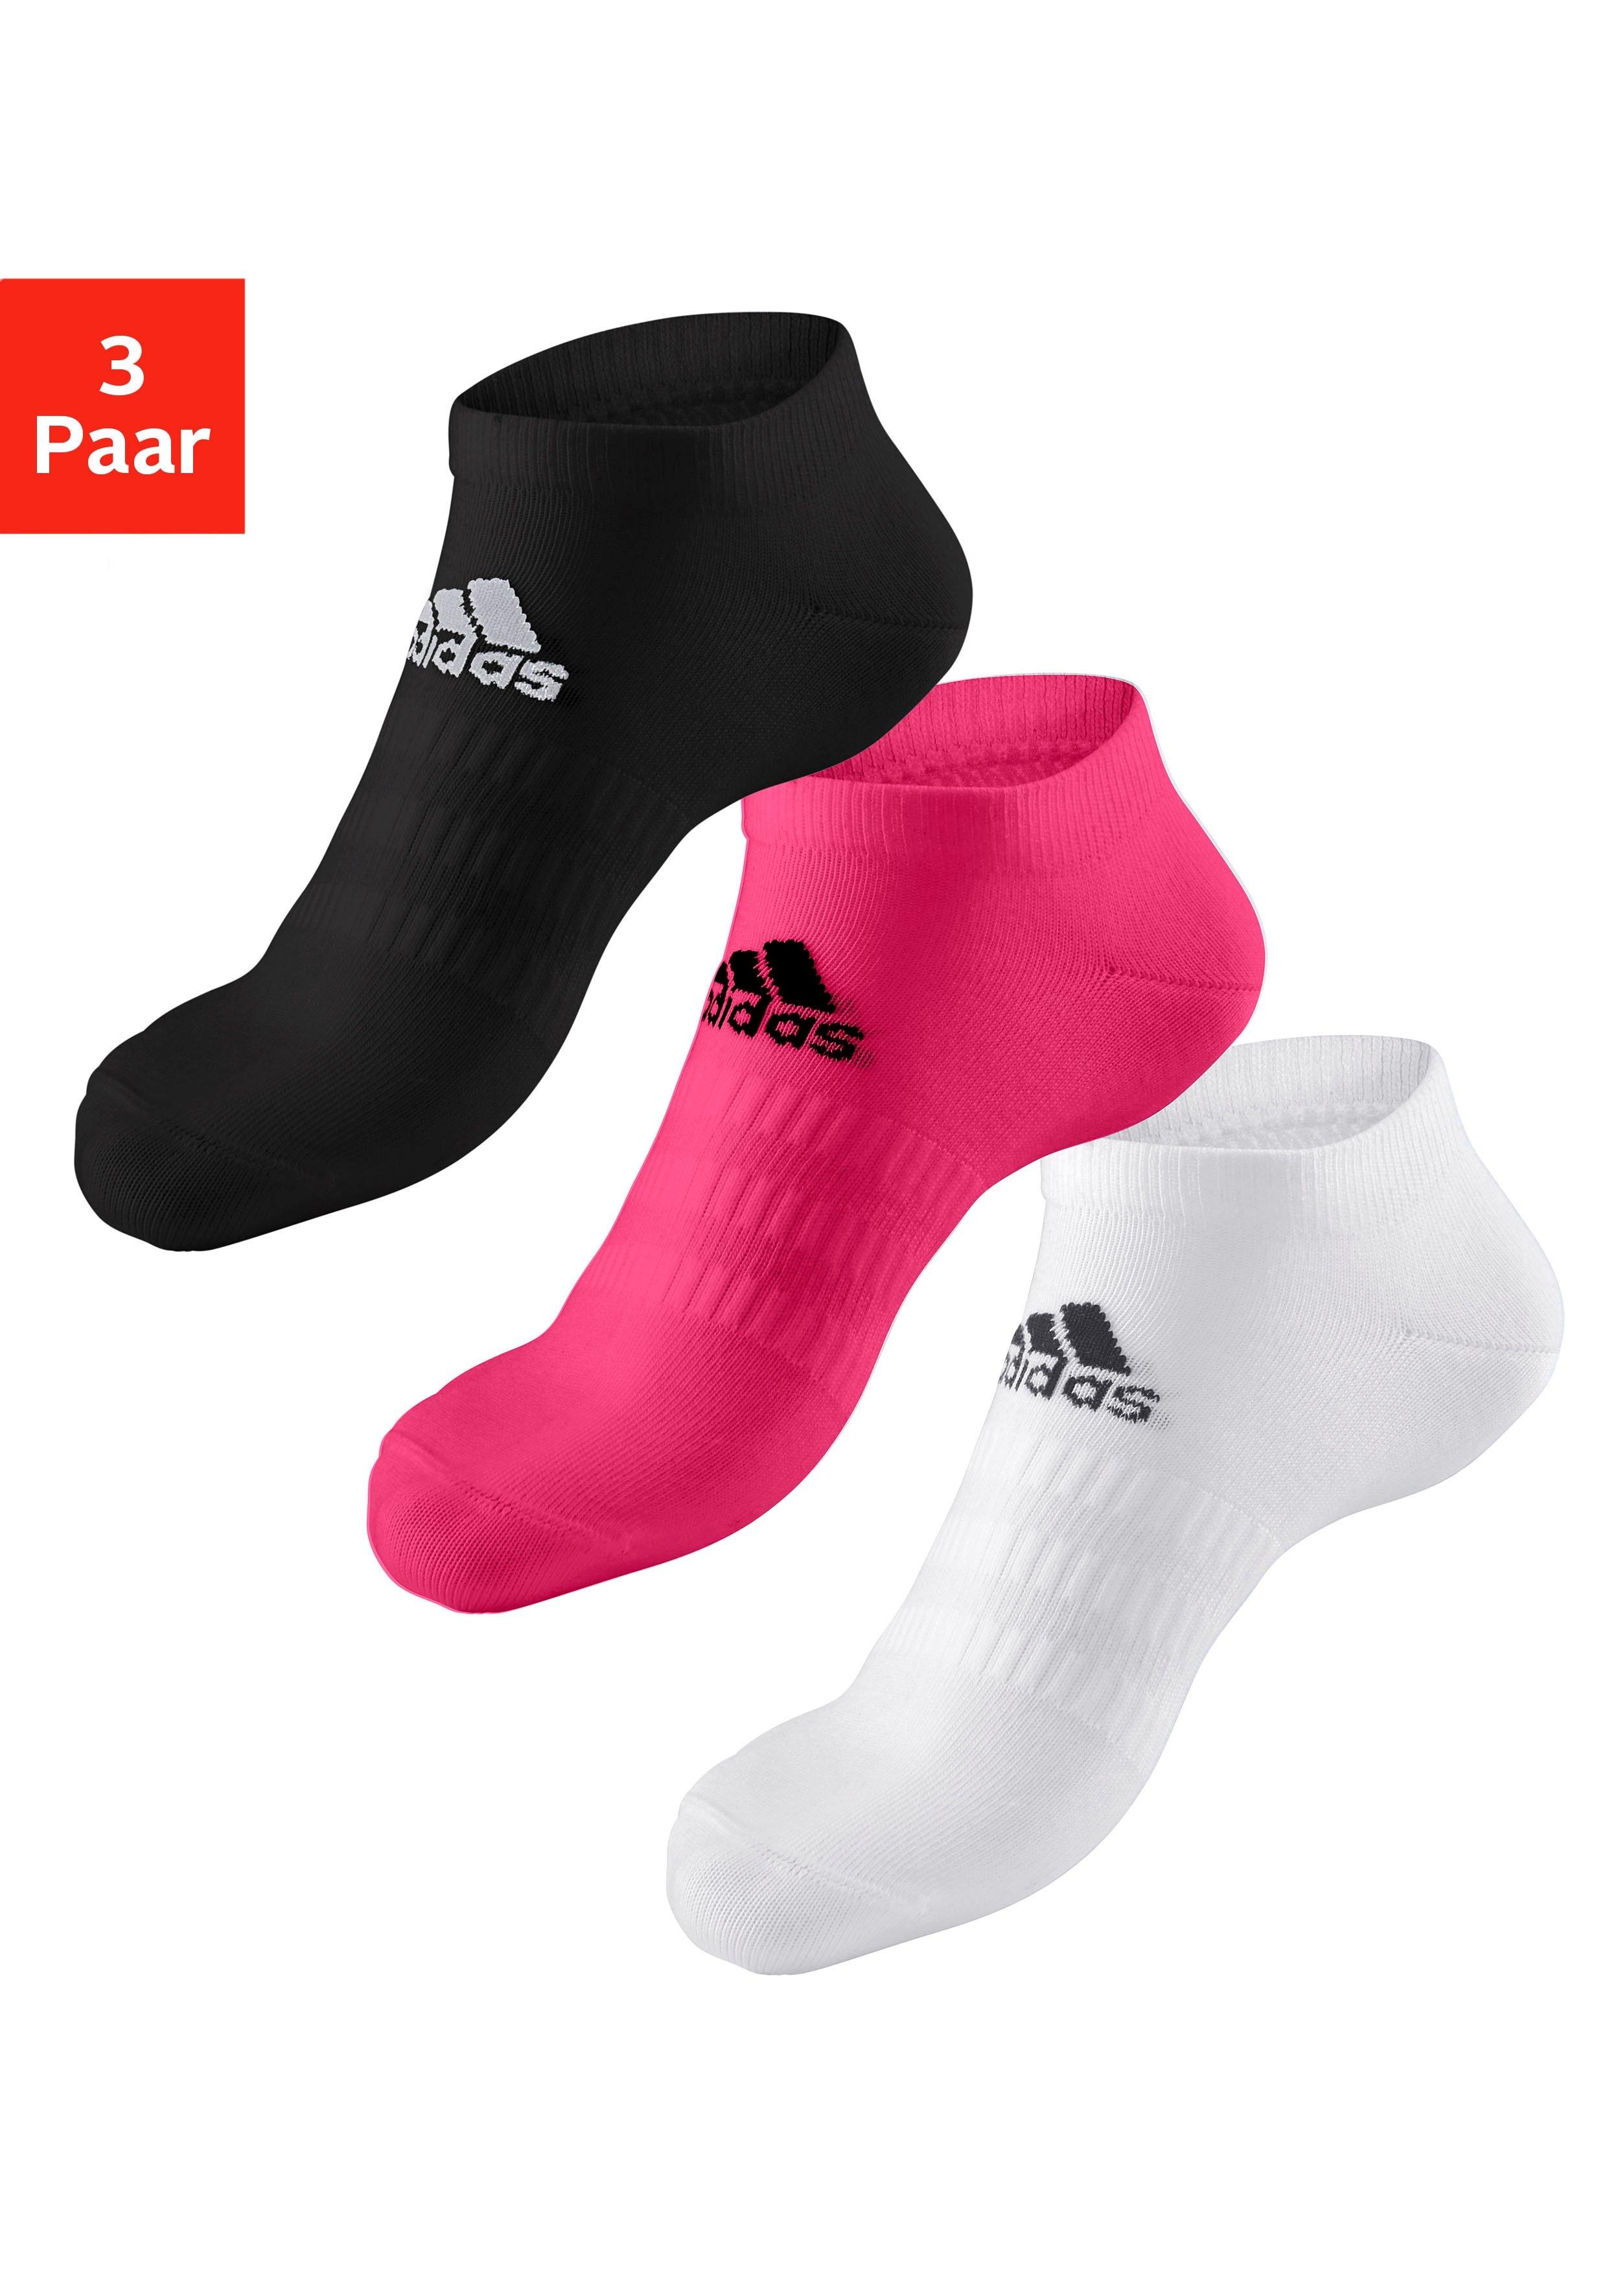 adidas Performance sneakersokken PERFORMANCE met klassiek logo-opschrift (3 paar) goedkoop op lascana.nl kopen